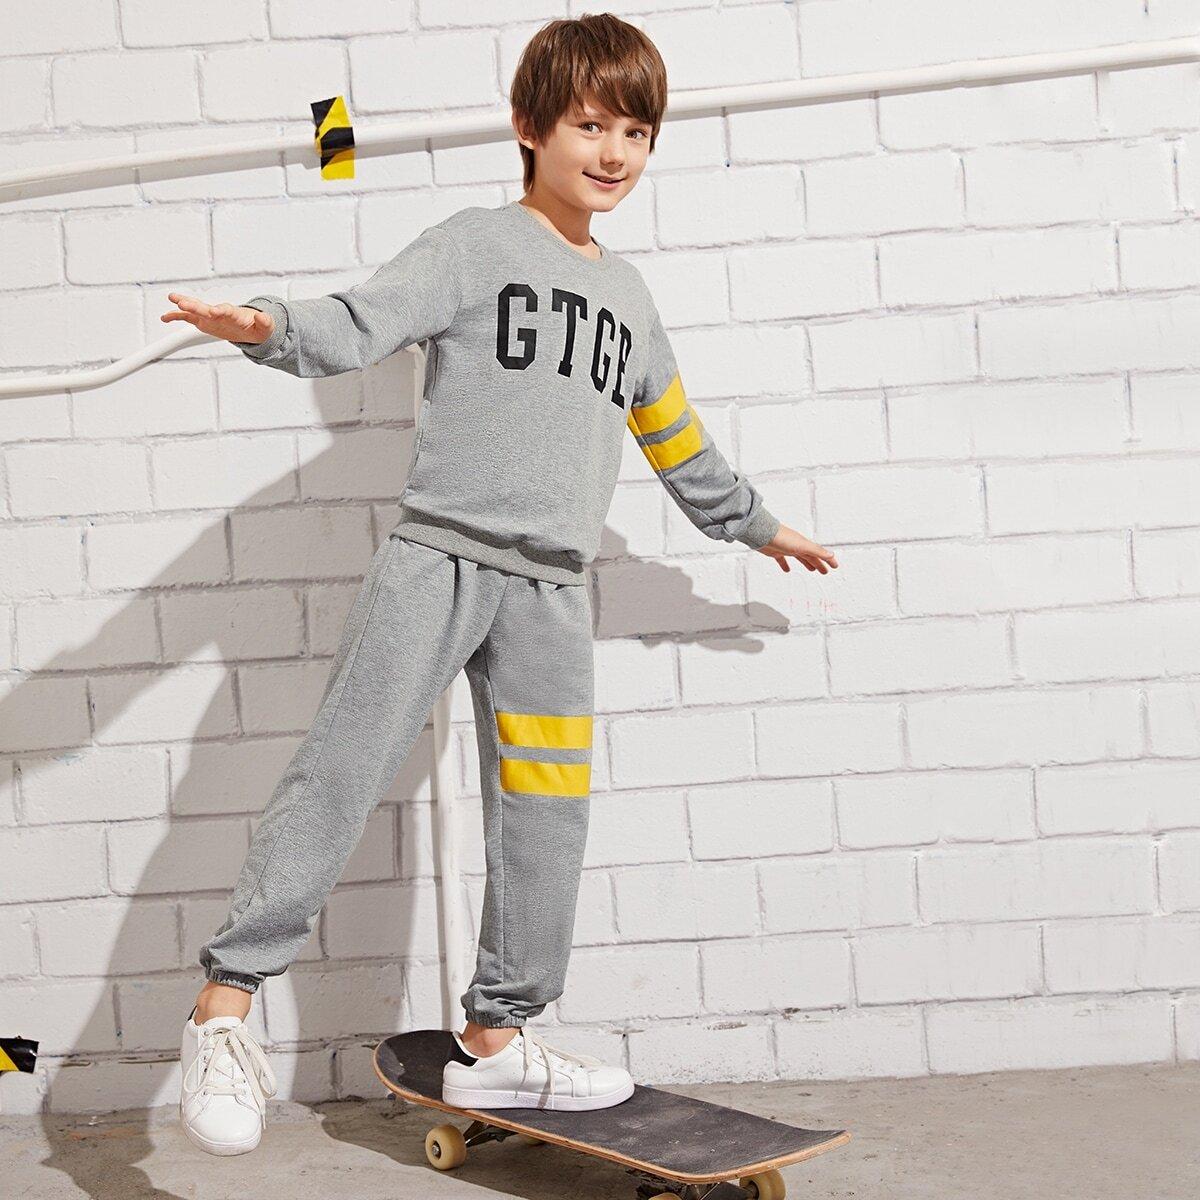 Брюки и полосатая толстовка с текстовым принтом для мальчиков от SHEIN